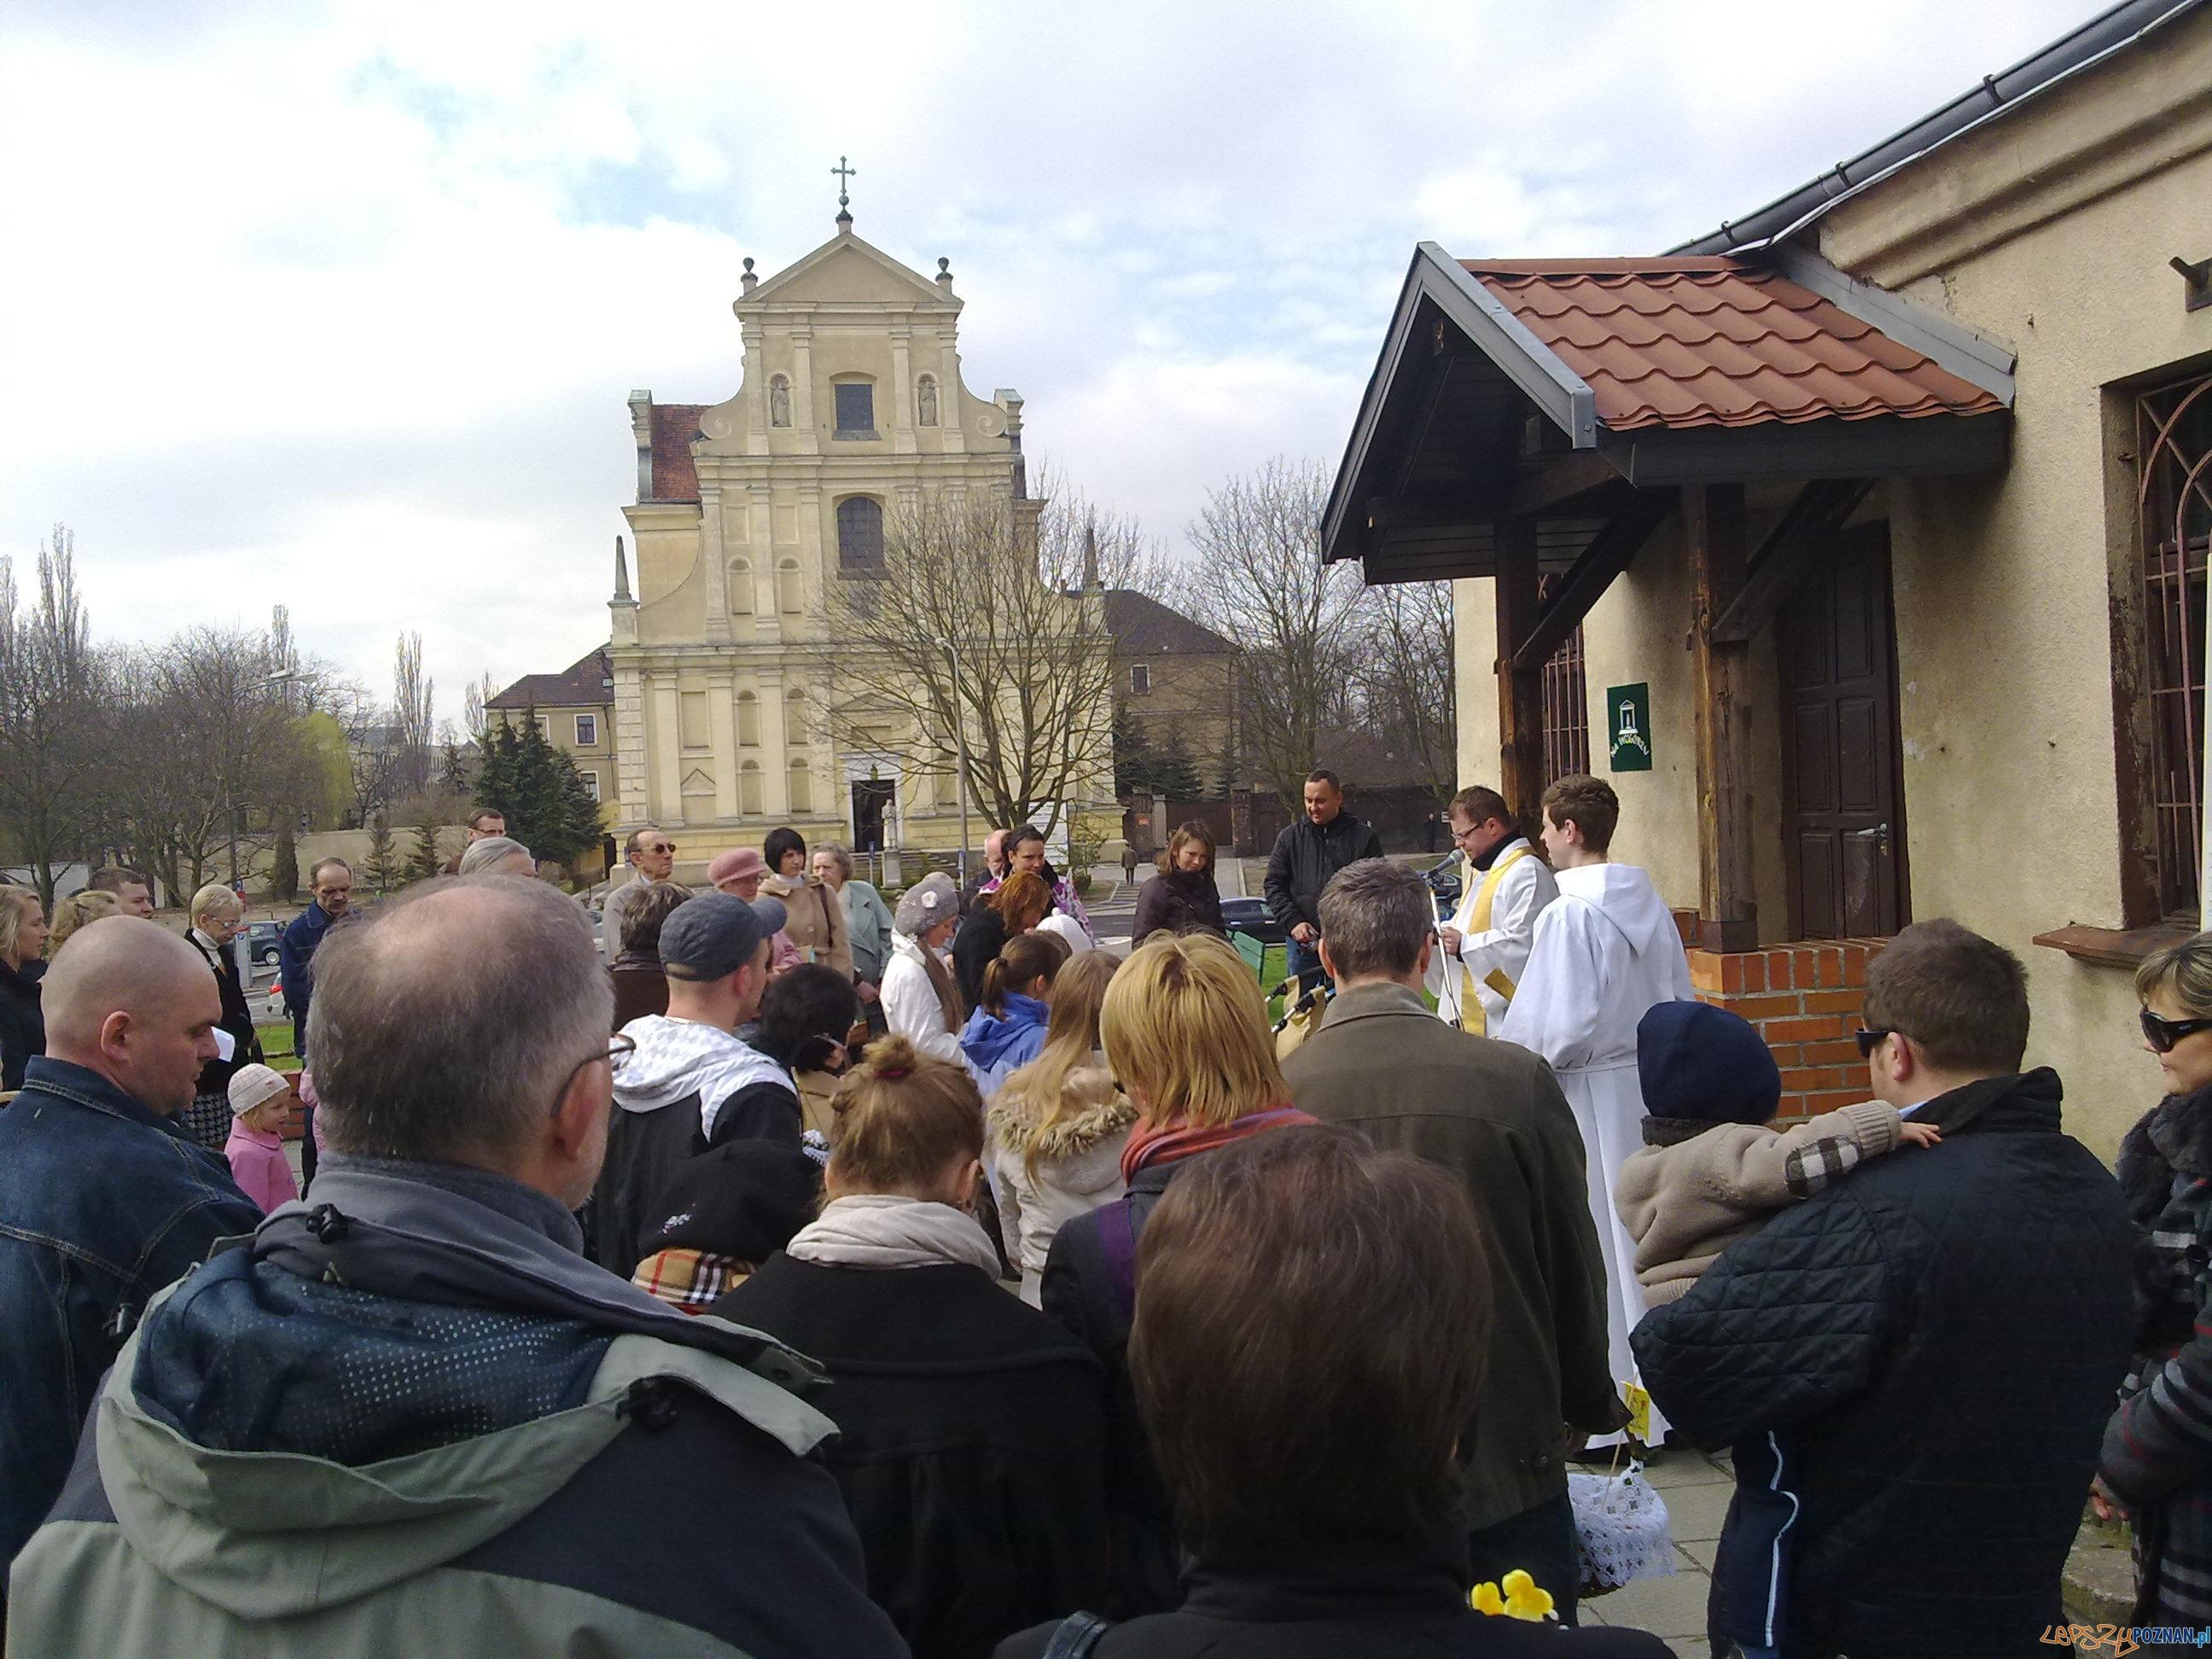 Święconka u Św. Wojciecha  Foto: lepszyPOZNAN.pl / td